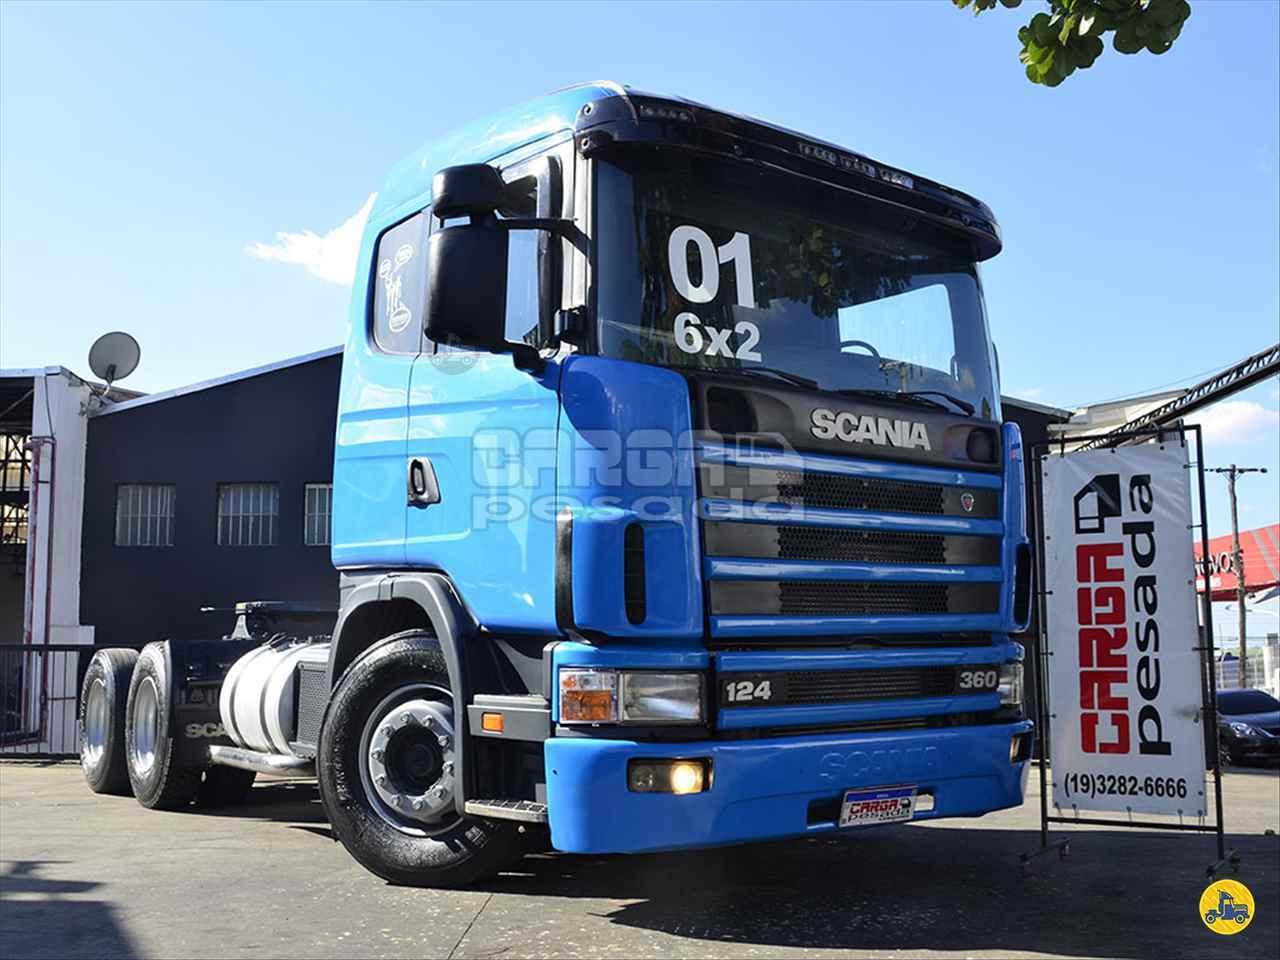 CAMINHAO SCANIA SCANIA 124 360 Cavalo Mecânico Truck 6x2 Carga Pesada Caminhões SAO PAULO SÃO PAULO SP